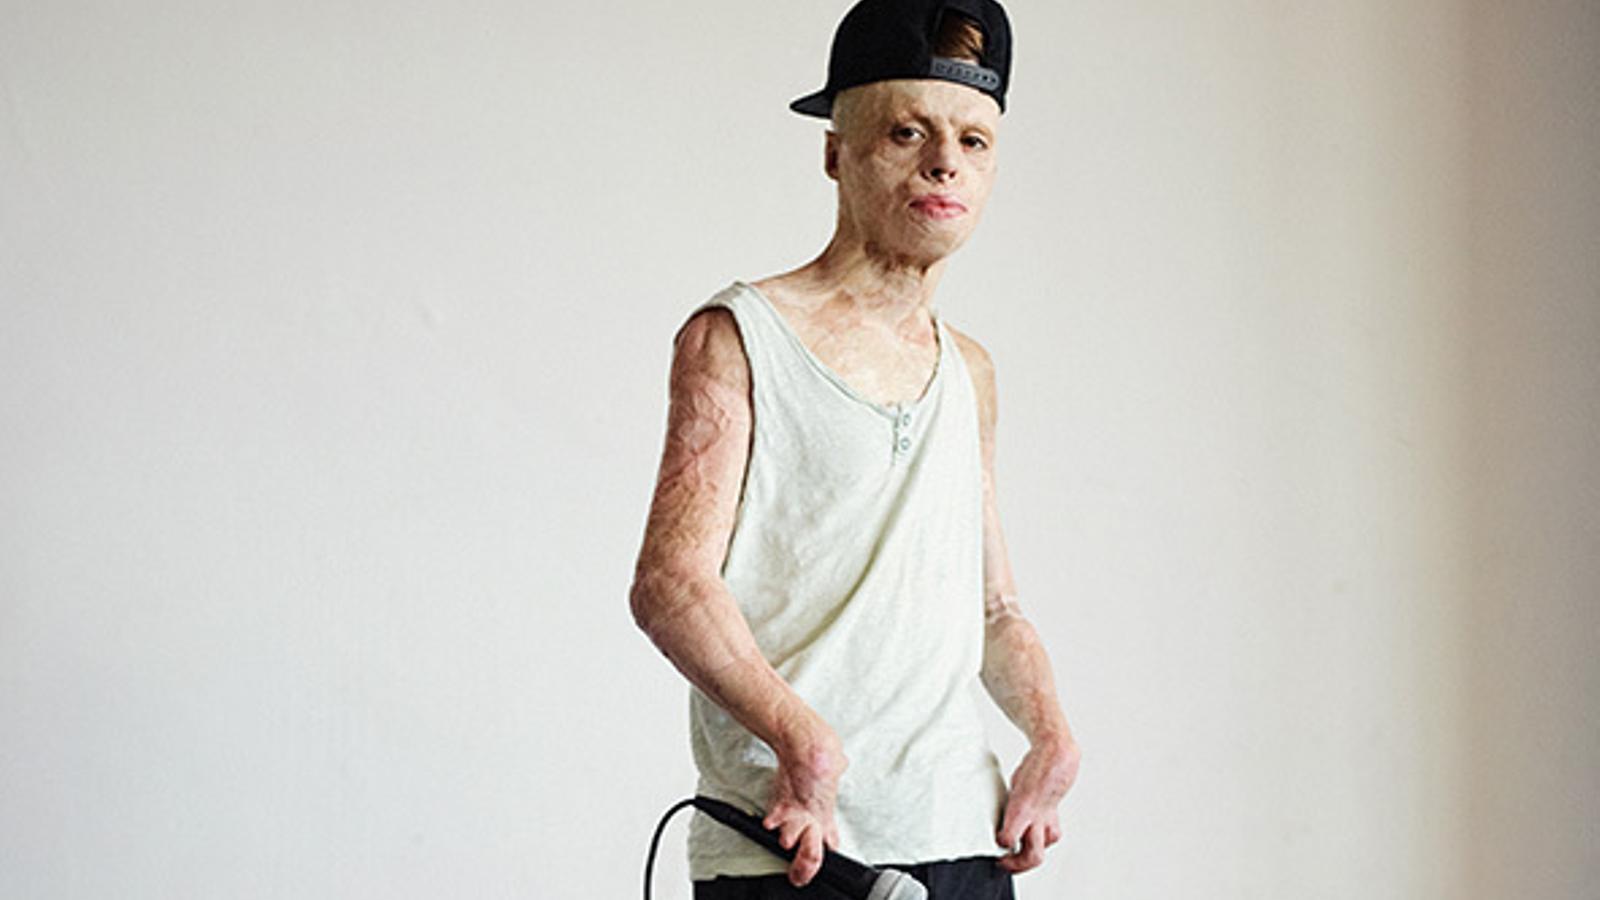 Aleixo Paz, 20 anys, amb el micròfon a la mà. Al jove li encanta el rap i sovint fa batalles de galls amb els seus amics.